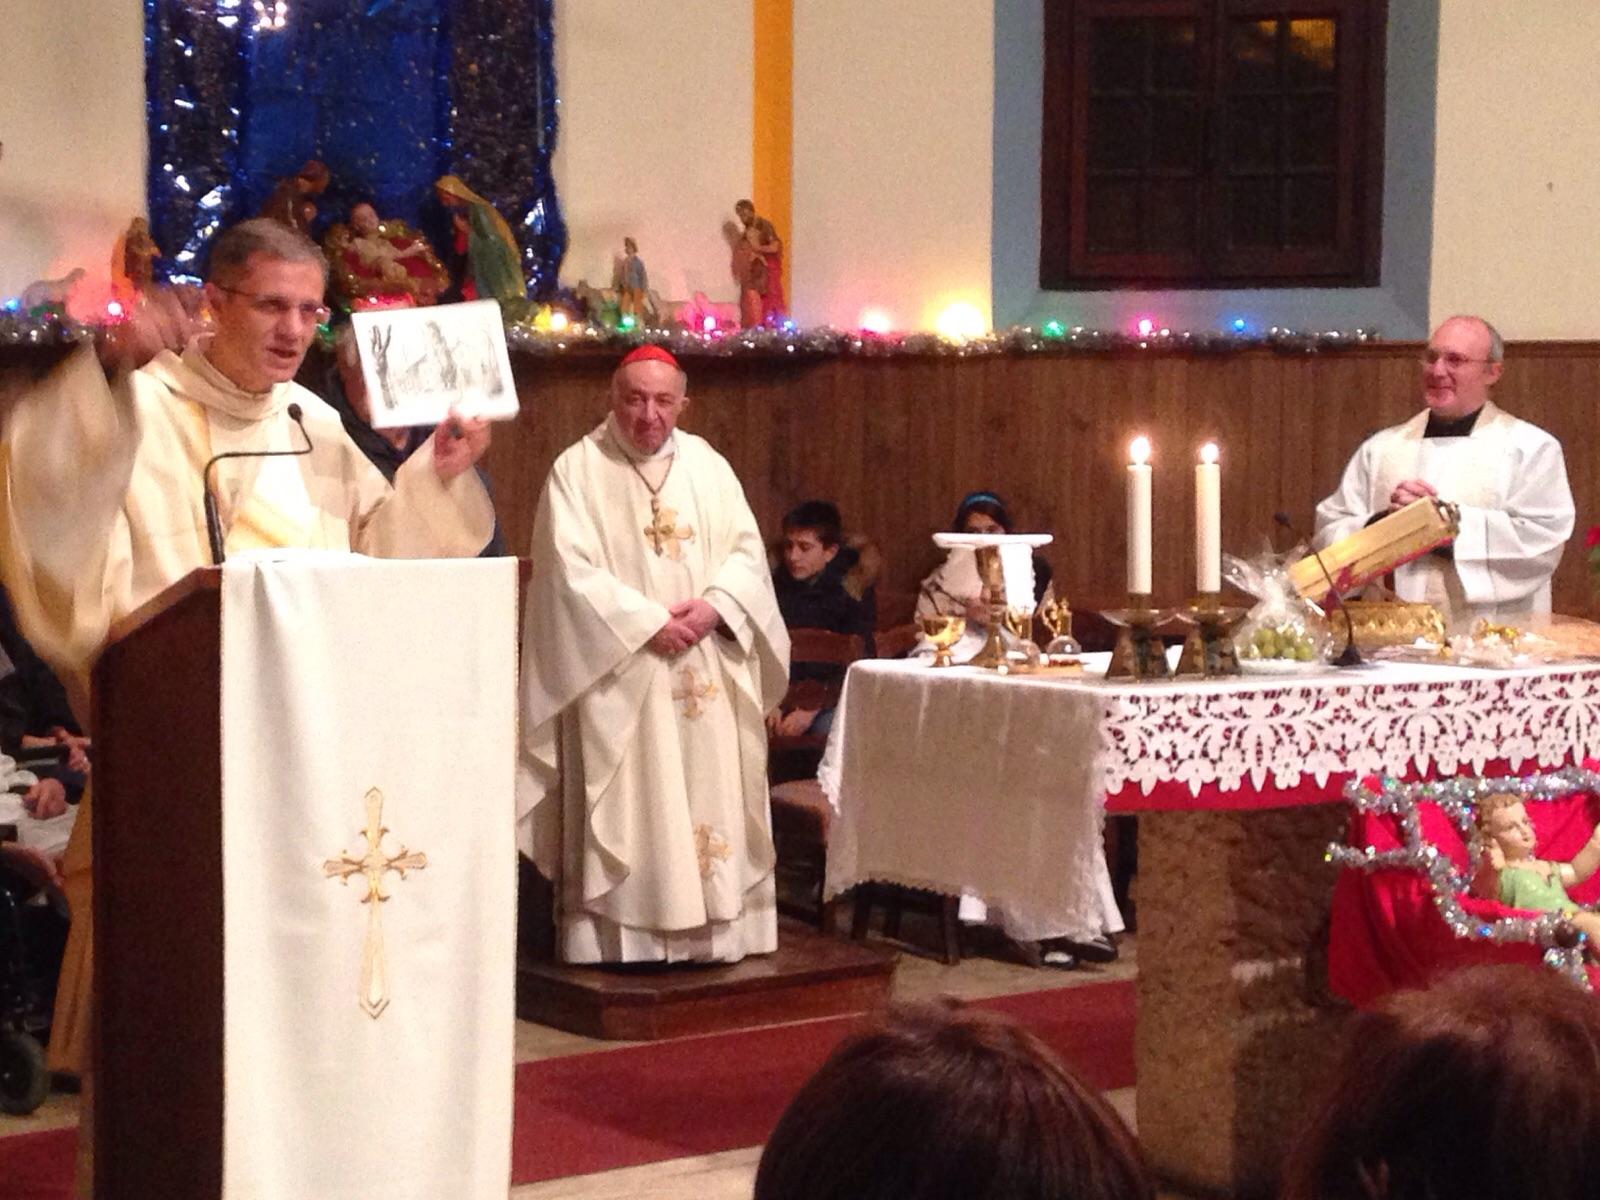 Tettamanzi celebra la messa di Natale 2015 al Corberi